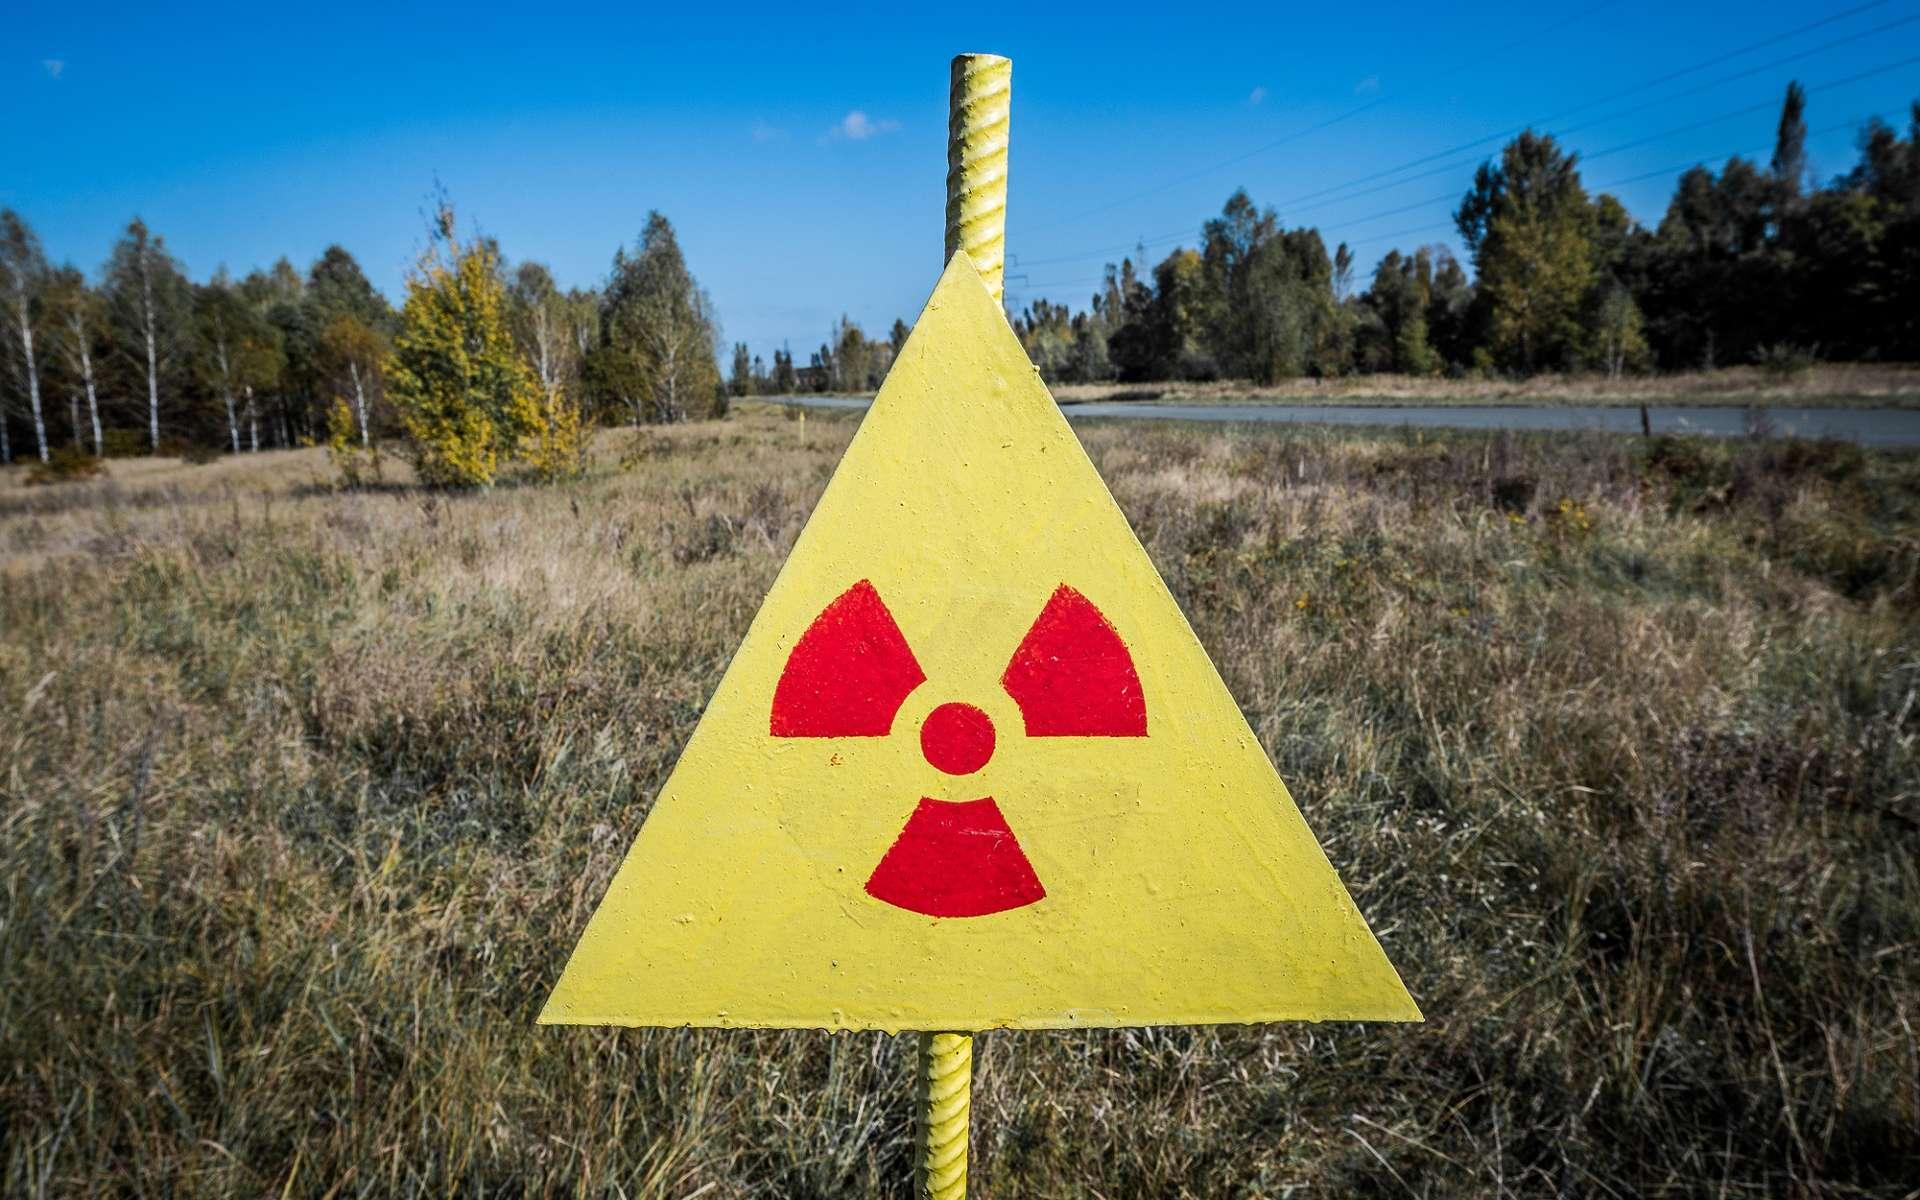 Le lait analysé provenait de Biélorussie, à proximité de la zone d'exclusion de Tchernobyl. © Fotokon, Shutterstock